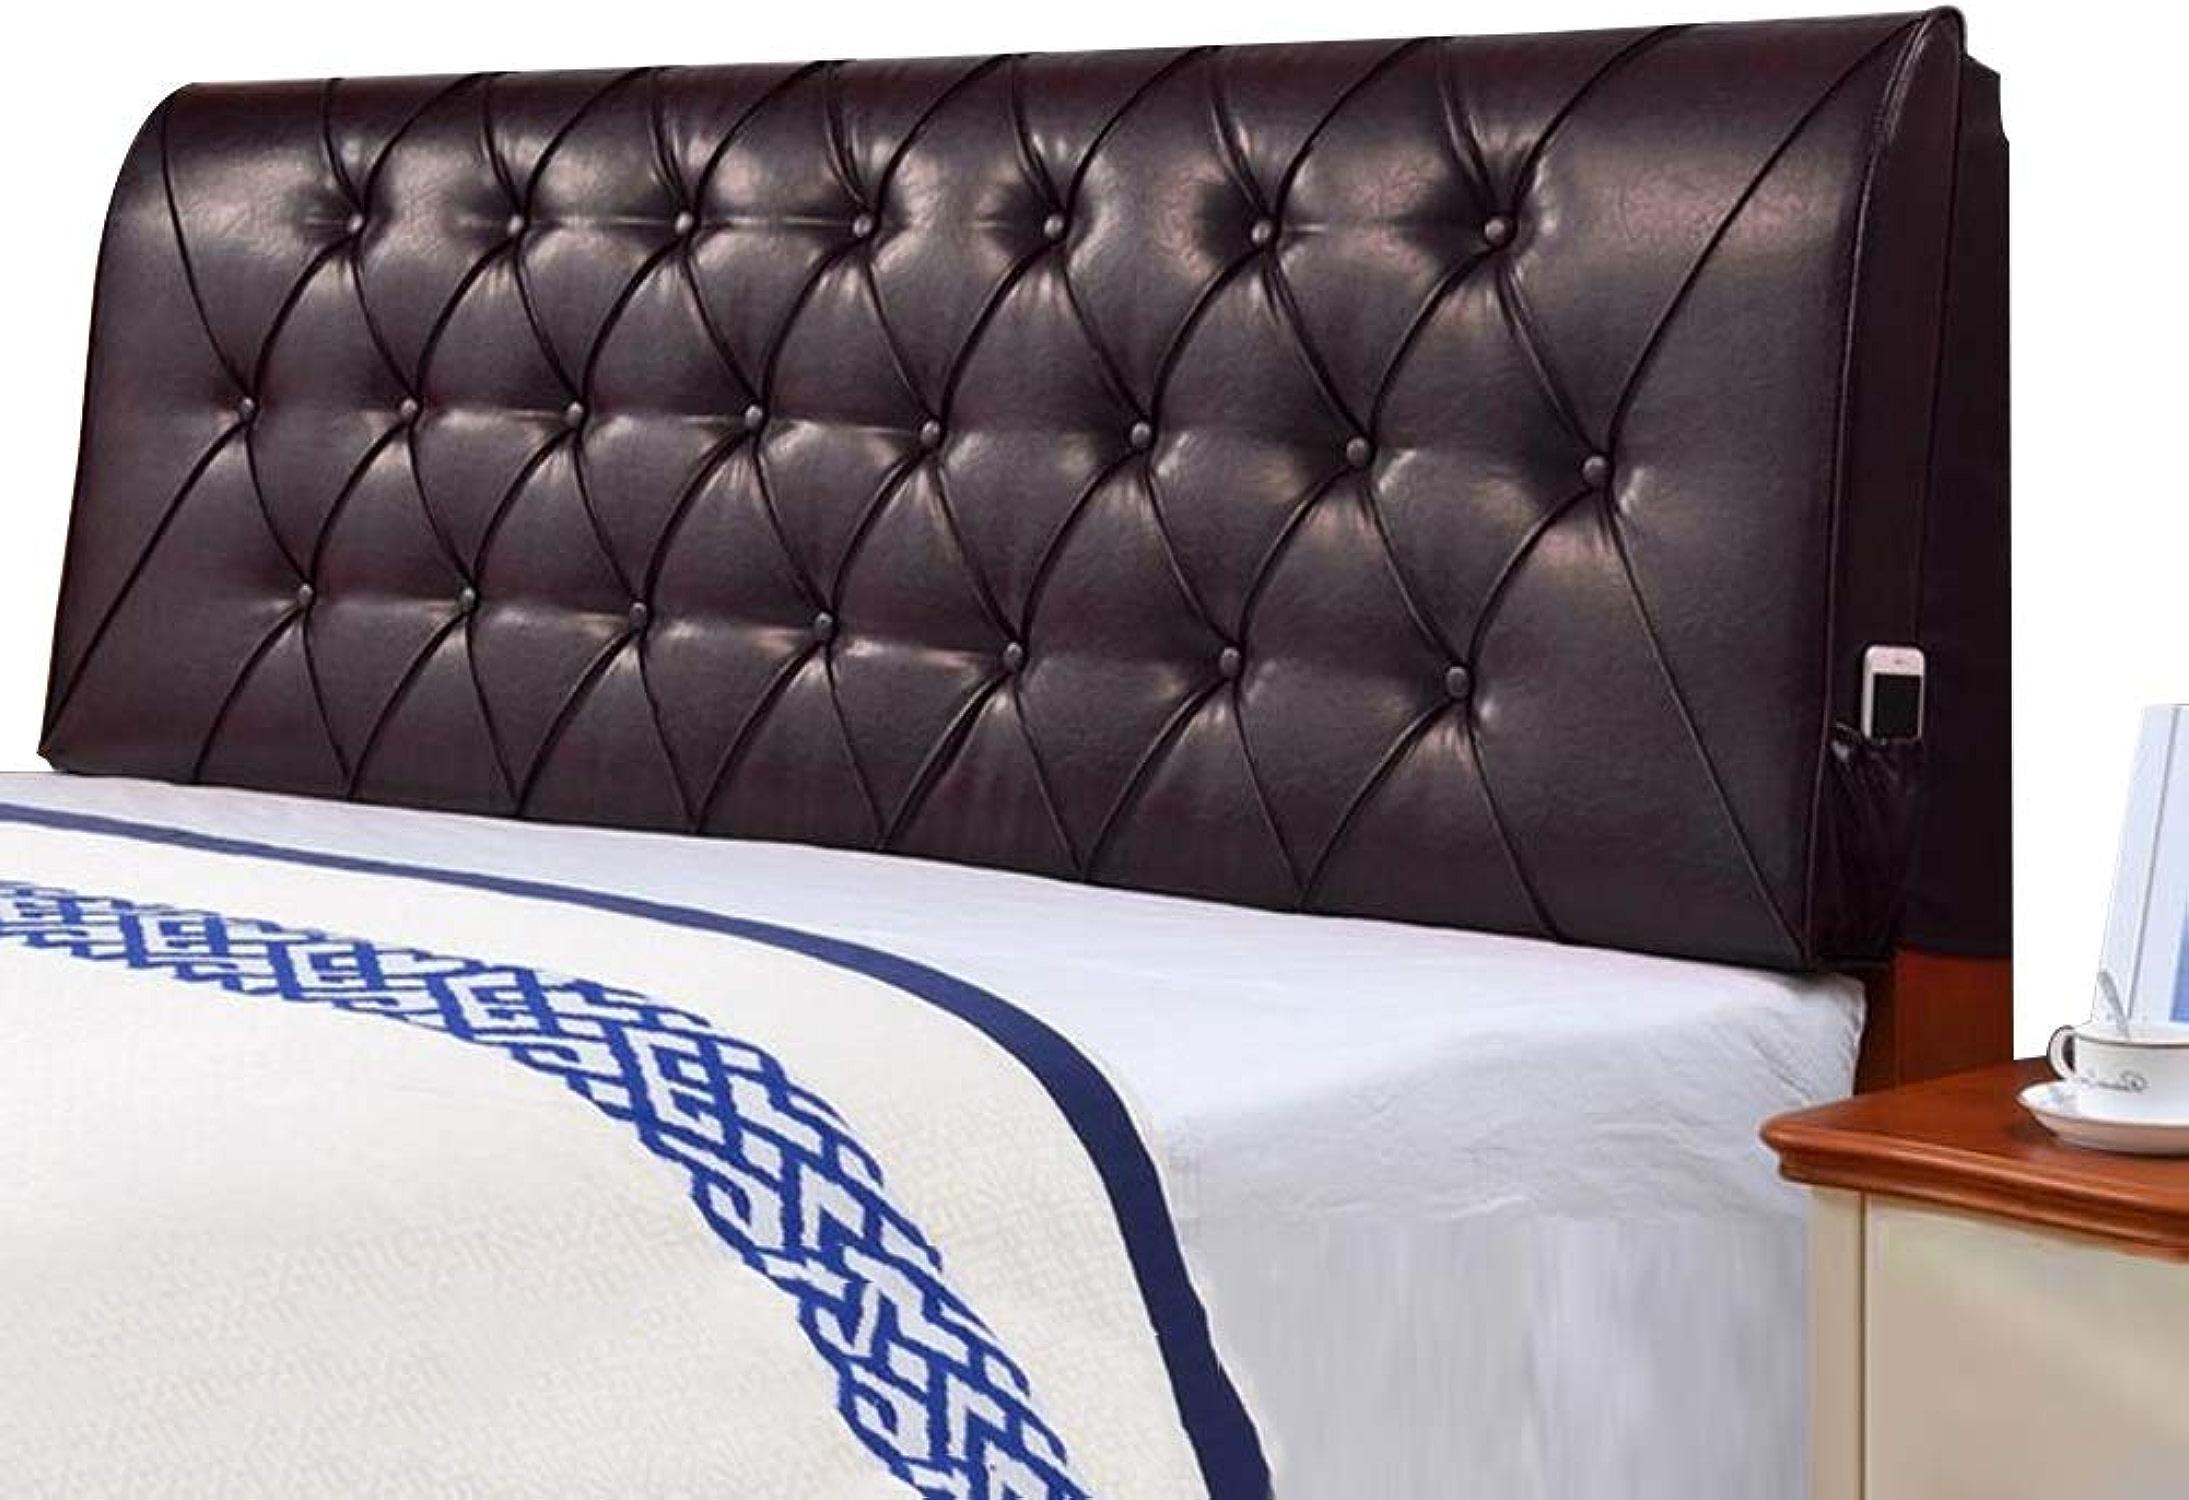 LIANGLIANG Coussin De Chevet Double Extra grand Dossier Lavable Appui-tête De Lit Confortable étui Souple Haute Qualité PU, 5 Couleurs, 12 Tailles (Couleur   NOIR, taille   150x60x10cm)